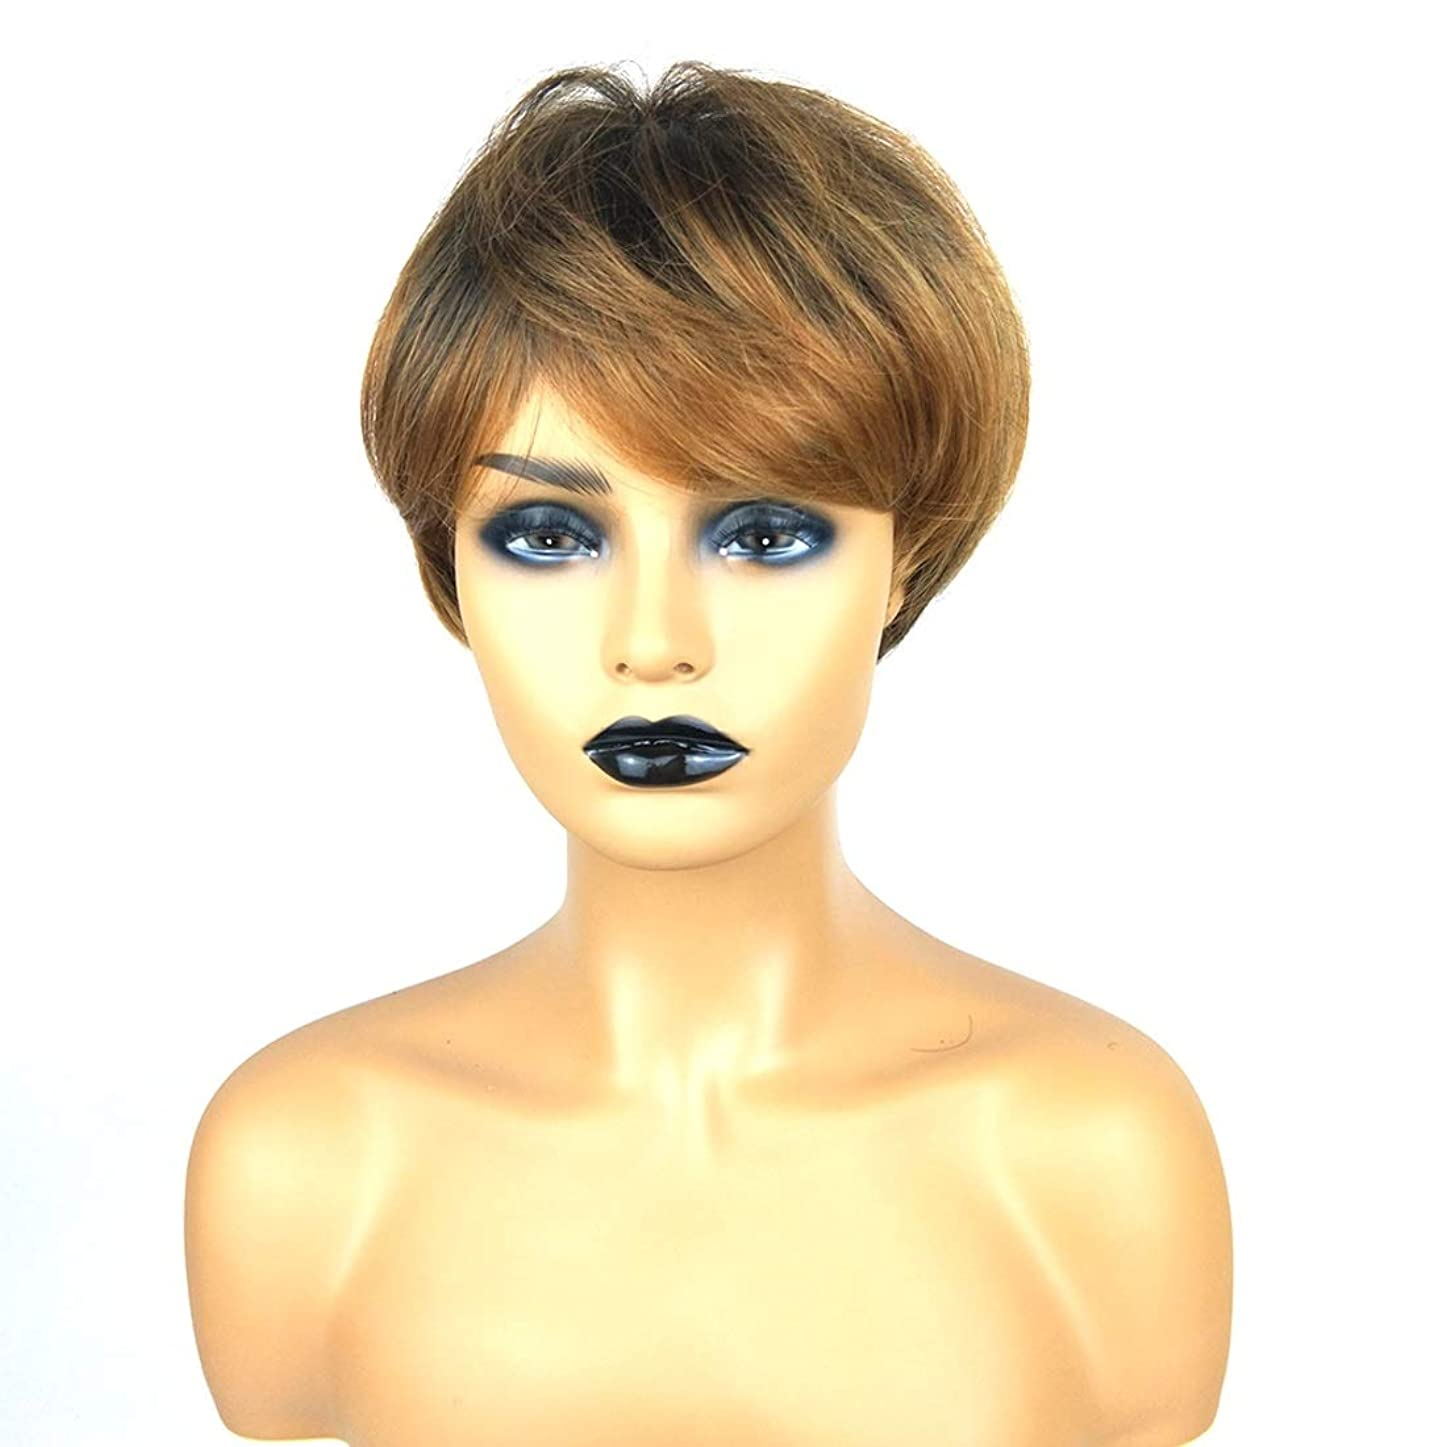 応援する証明する割り当てますSummerys ショートボブの髪の毛のかつら本物の髪として自然な女性のための合成かつらとストレートウィッグ